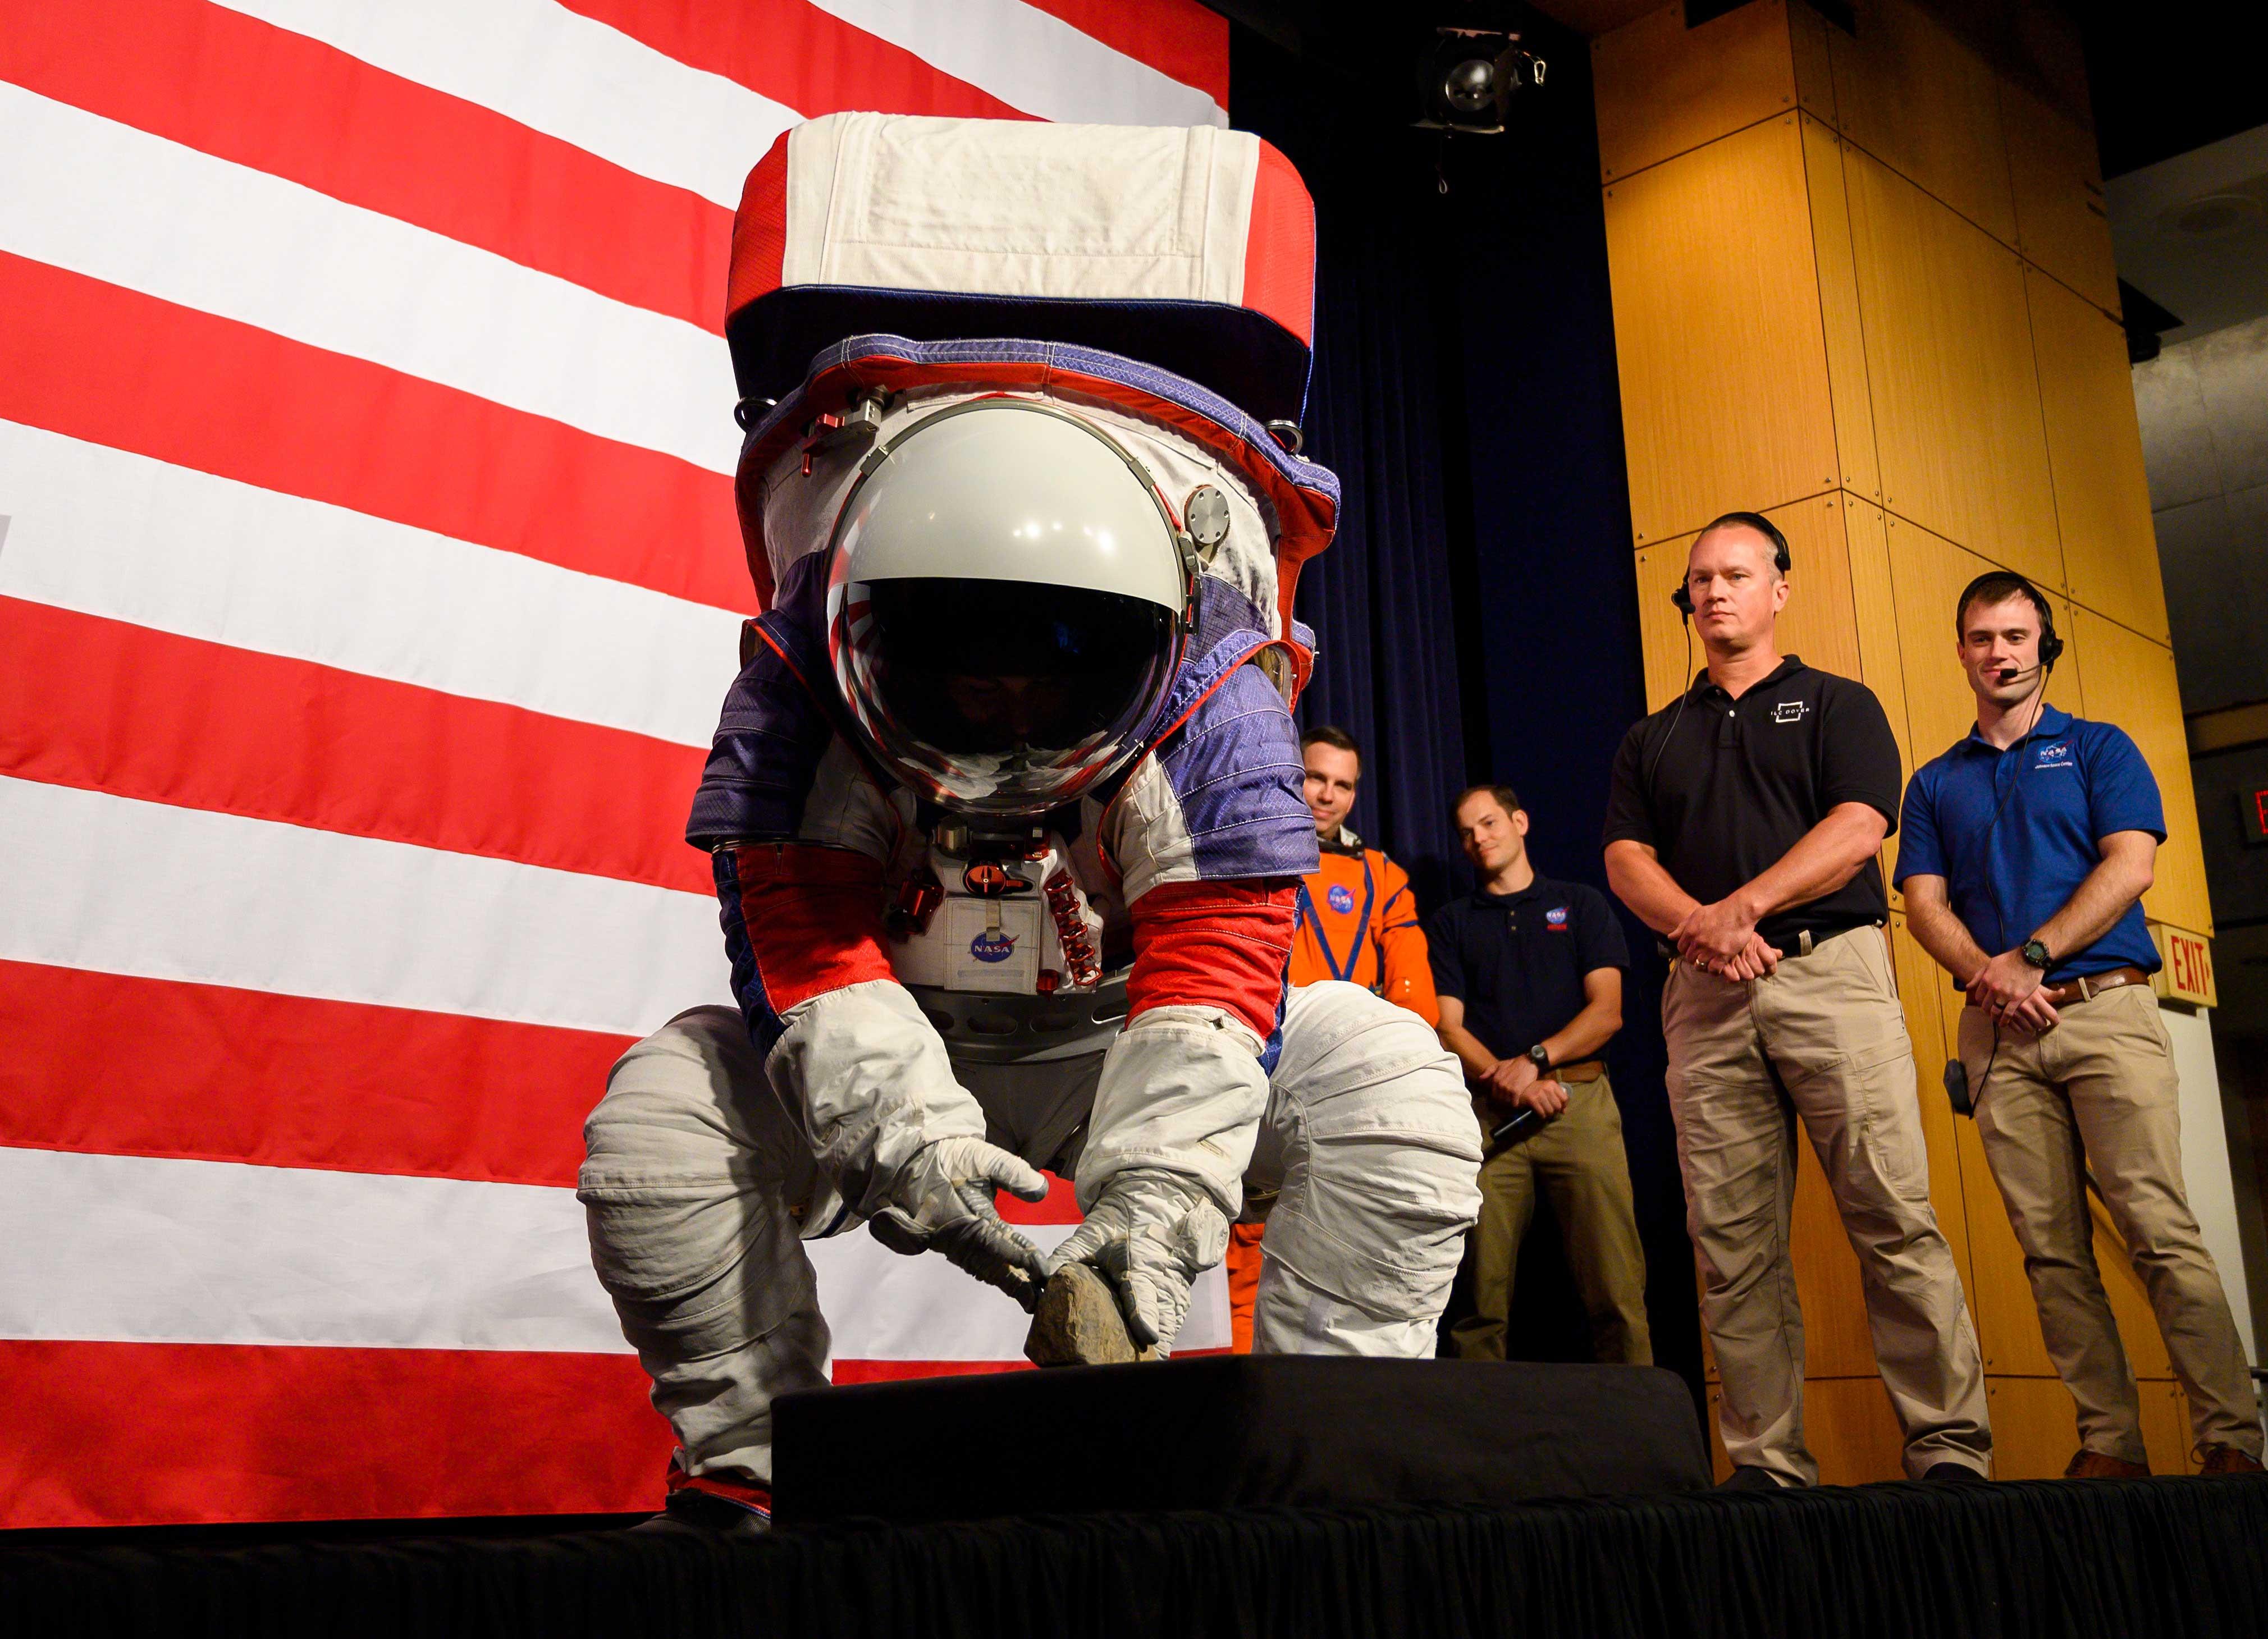 Y como ha demostrado la ingeniera Kristine Davis, los astronautas tendrán mucha más libertad de movimiento: podrán alzar los brazos por encima de la cabeza, lo que no era posible con los trajes Apollo; también podrán agacharse fácilmente para recoger rocas lunares, sin arriesgarse a perder el equilibrio y caer (AFP)